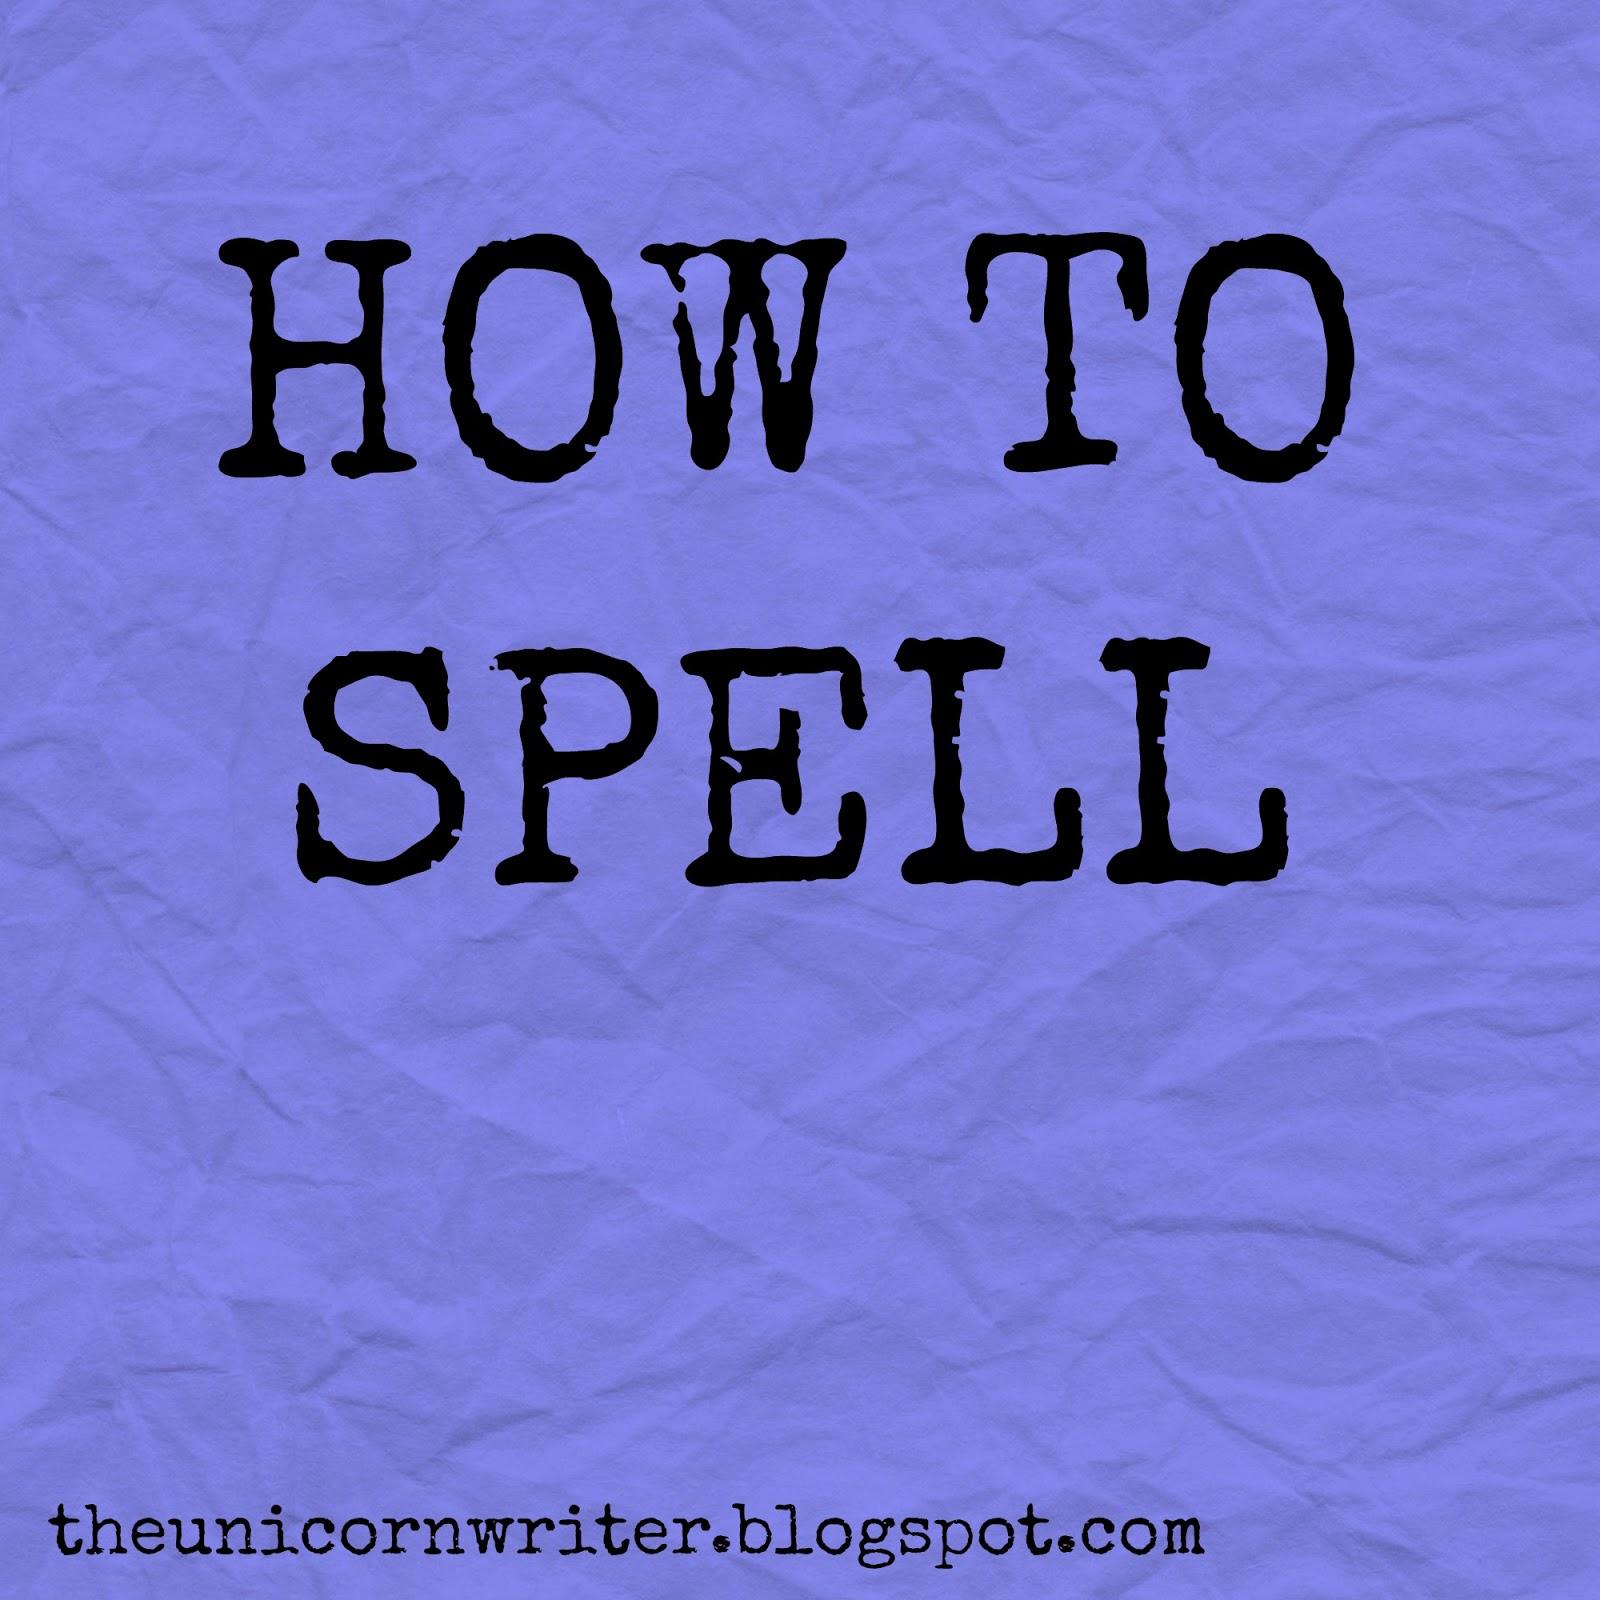 How To Spell Jpg